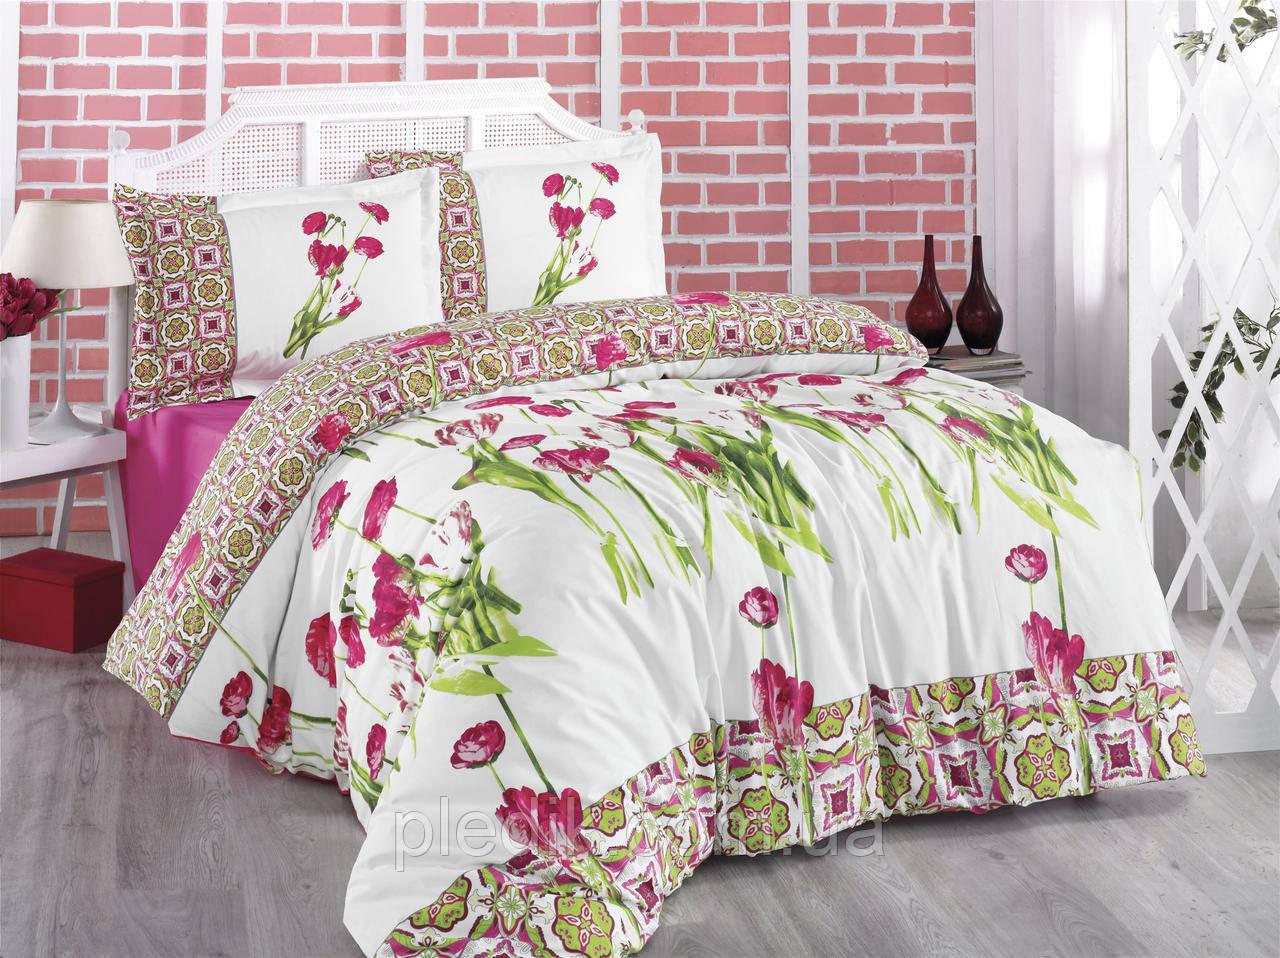 Семейное постельное бельё ранфорс 160х220х2 Gokay Rhapsody